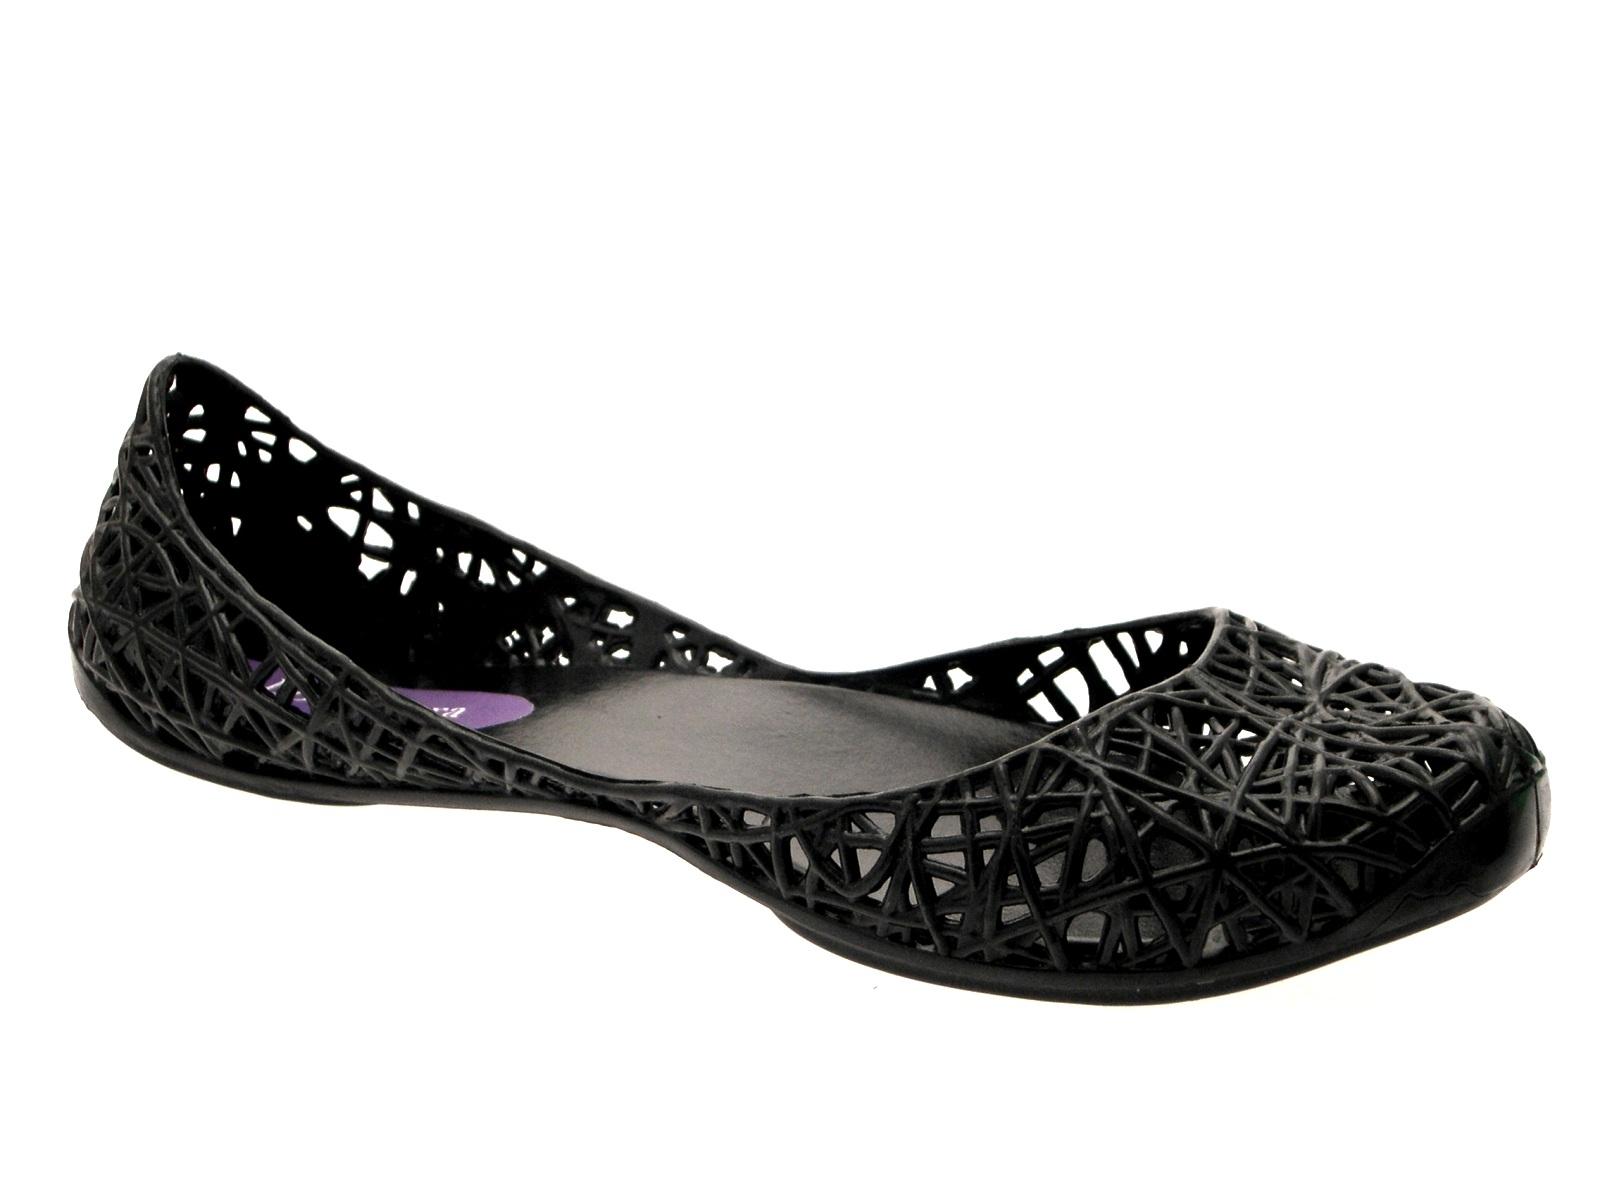 womens jelly flip flops glitter ballet pumps beach flat. Black Bedroom Furniture Sets. Home Design Ideas